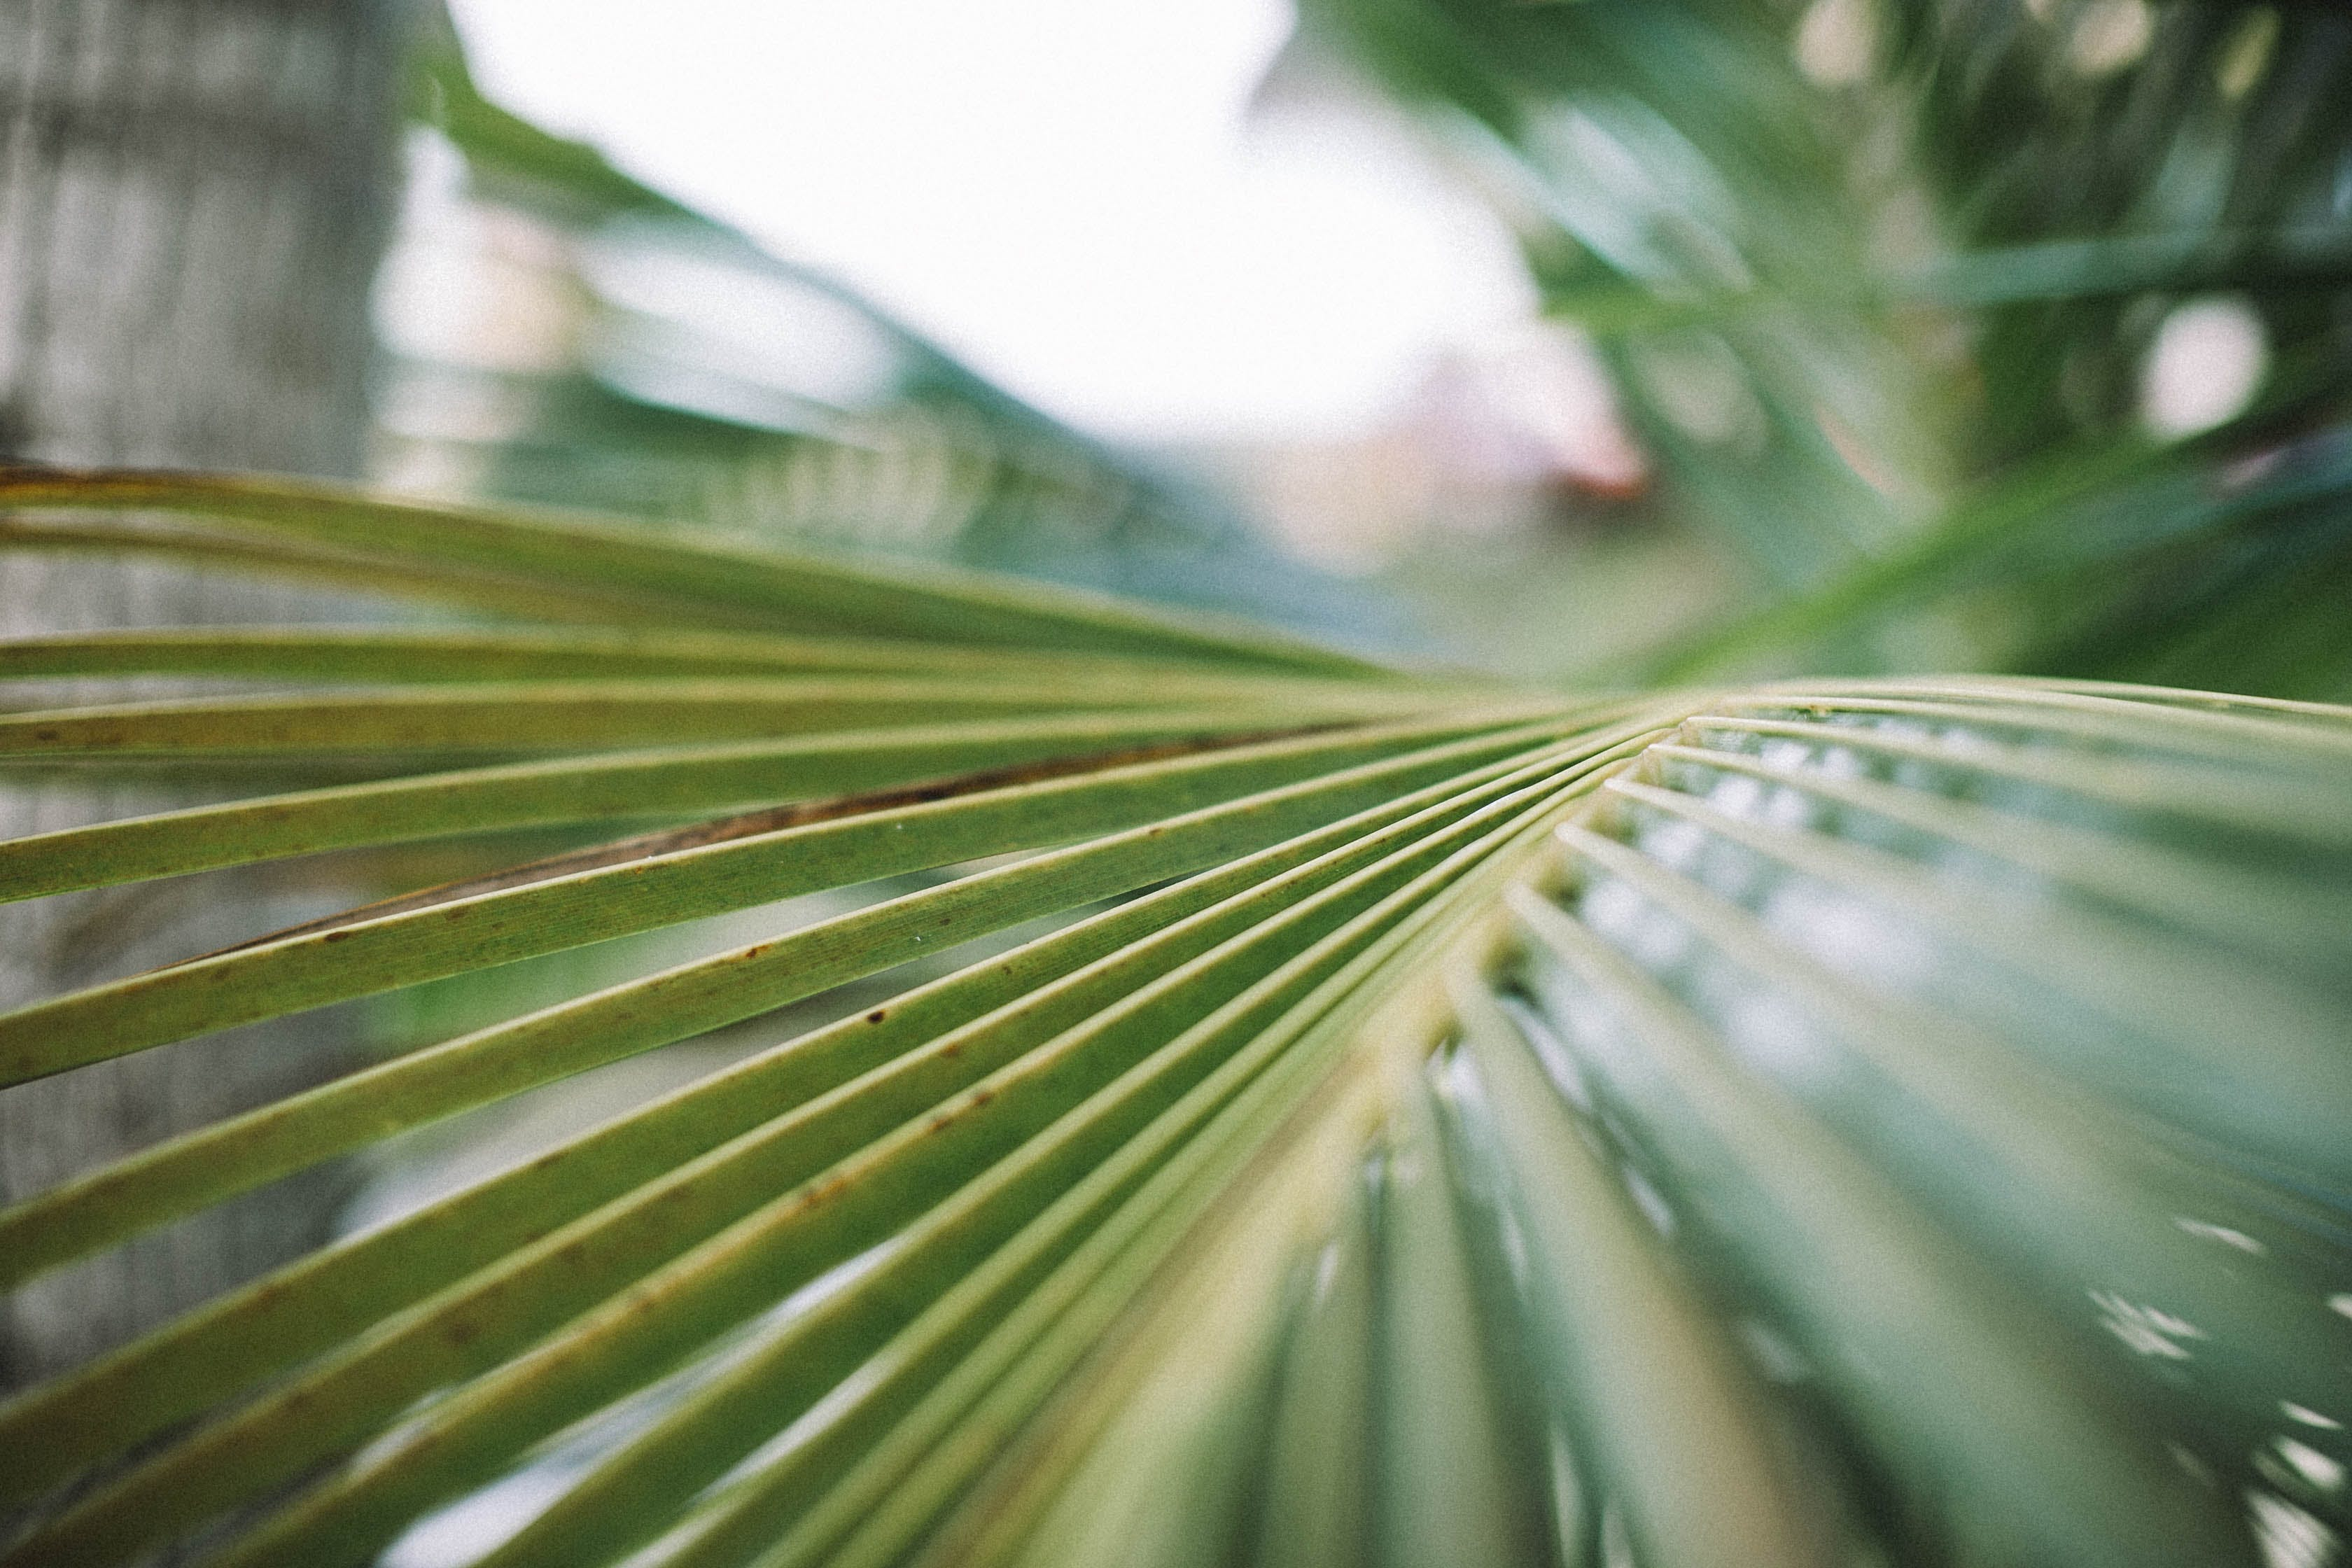 景深, 棕櫚葉, 綠色, 葉子 的 免費圖庫相片